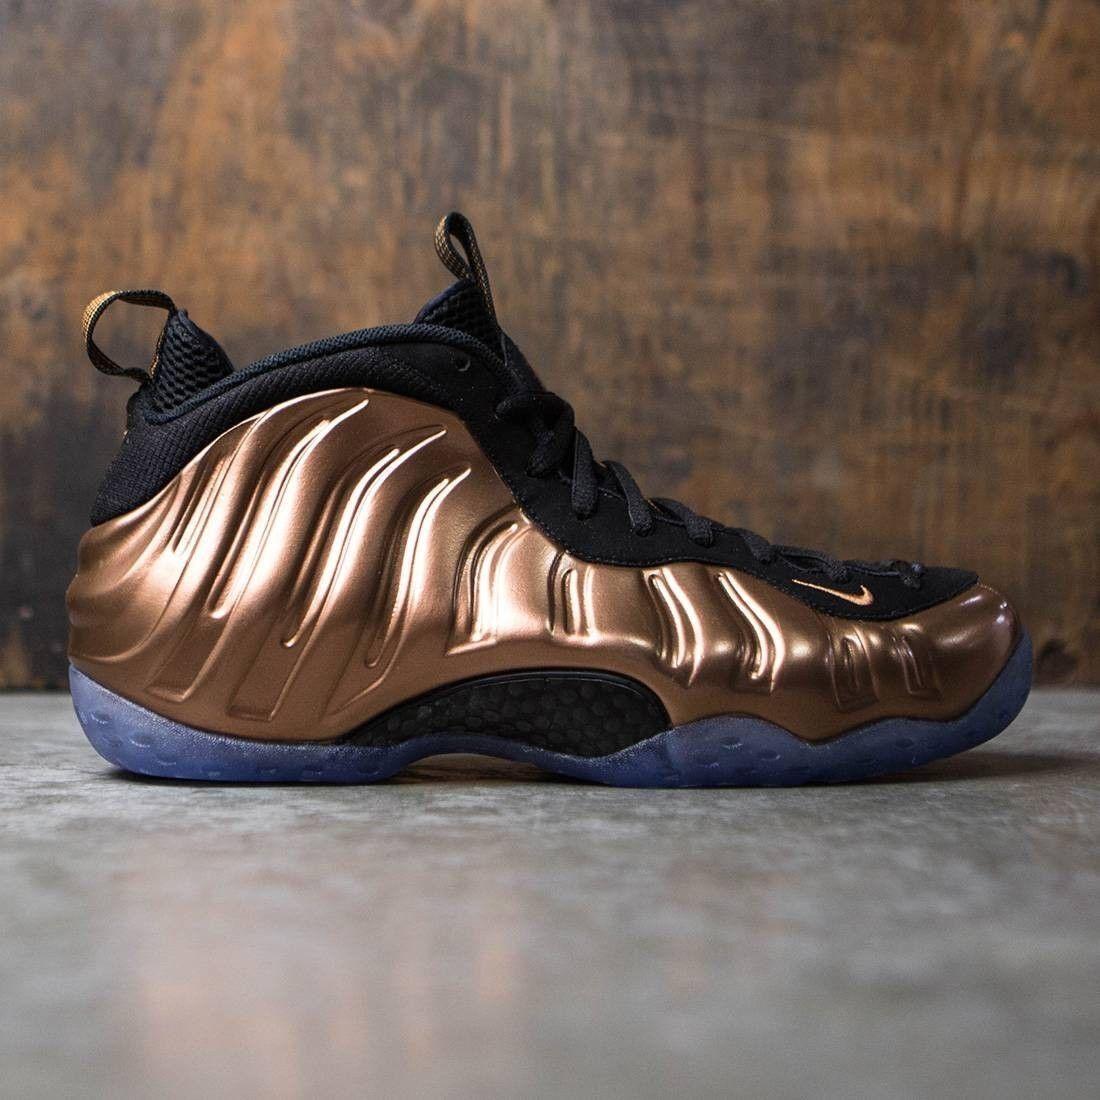 2017 Nike Air Foamposite One Metallic Copper Size 12. 314996-007 Jordan Penny